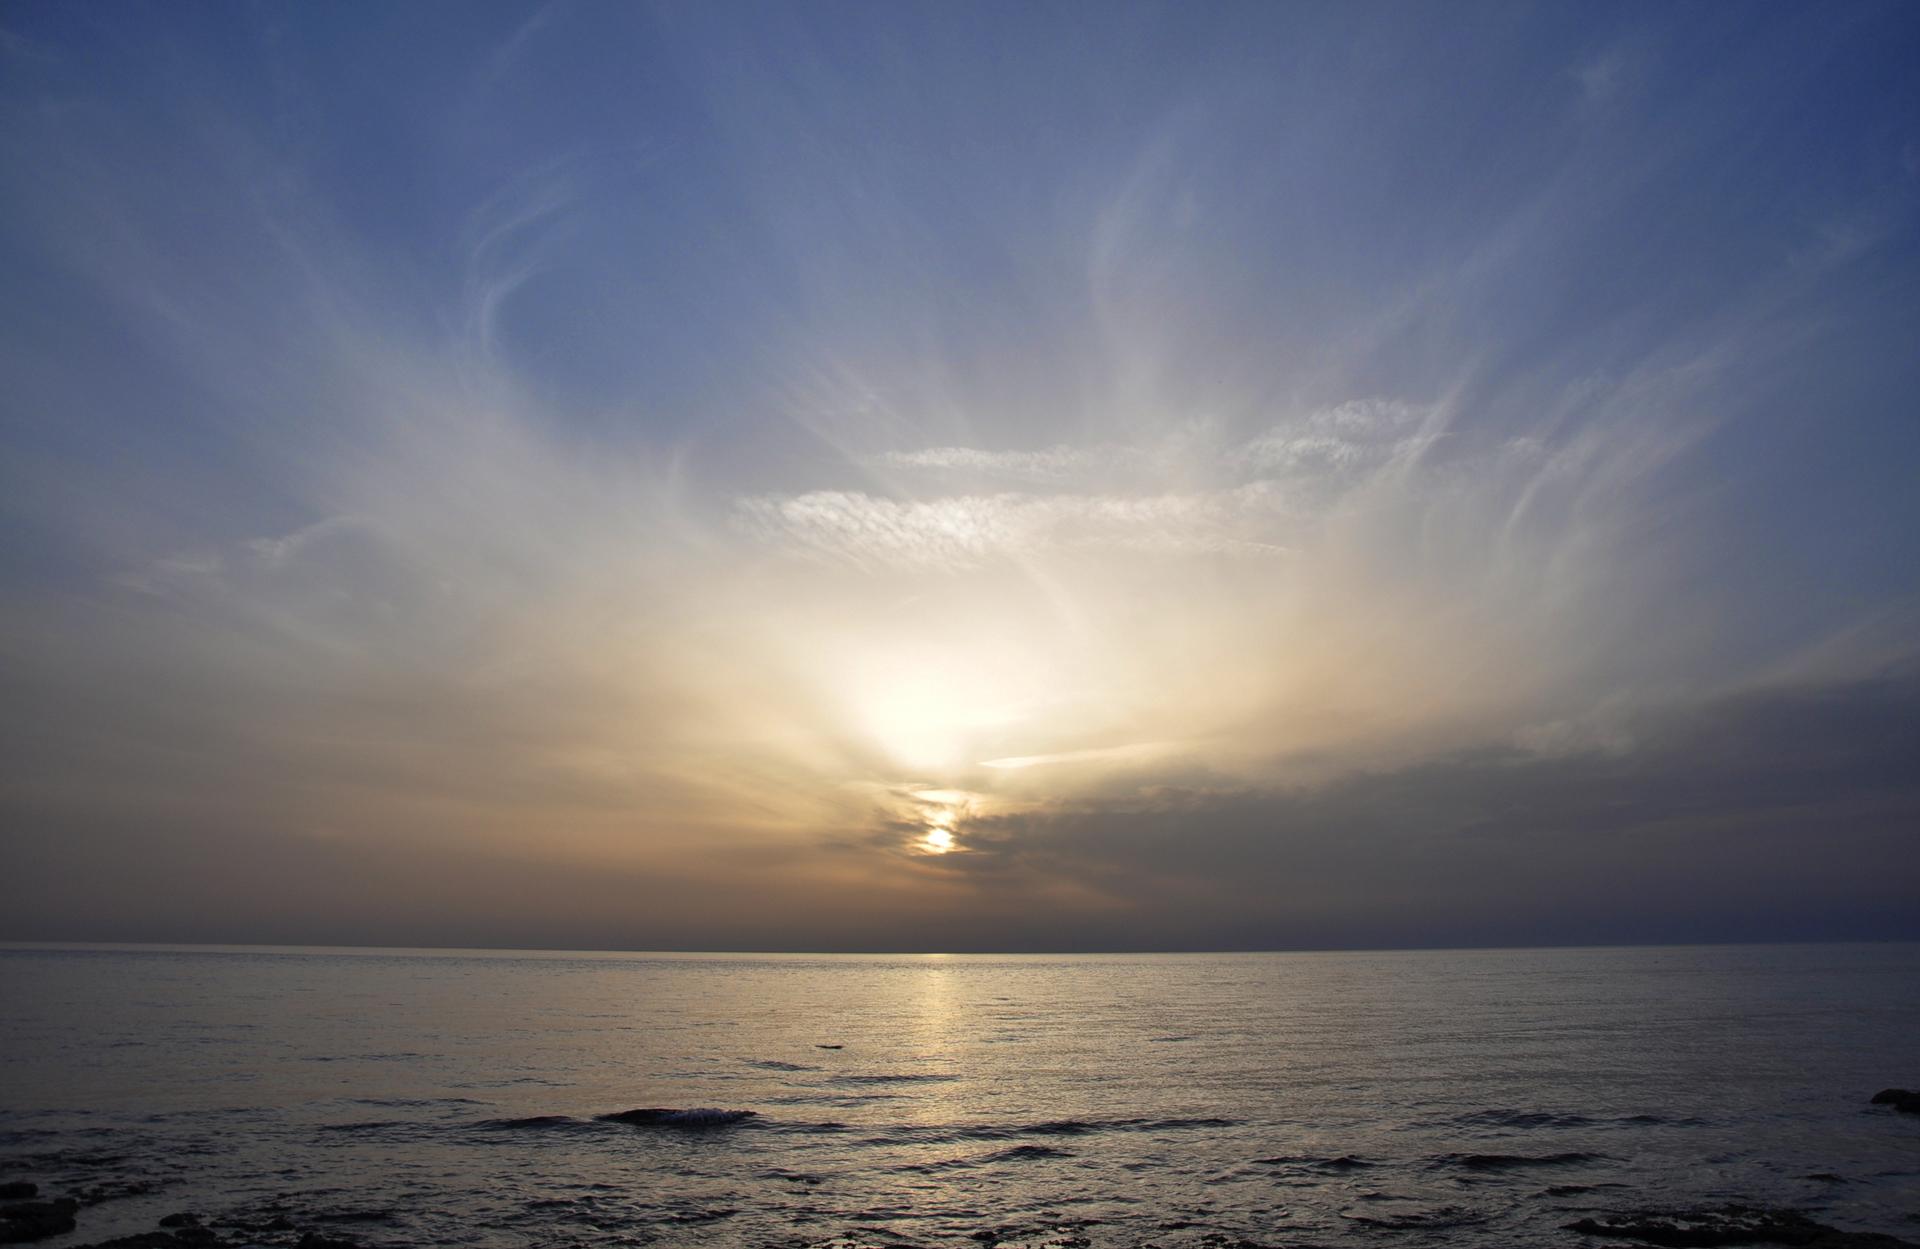 יואל שתרוג - אדמה יוצרת - yoel sitruk -שקיעה - שם מים - אכזיב